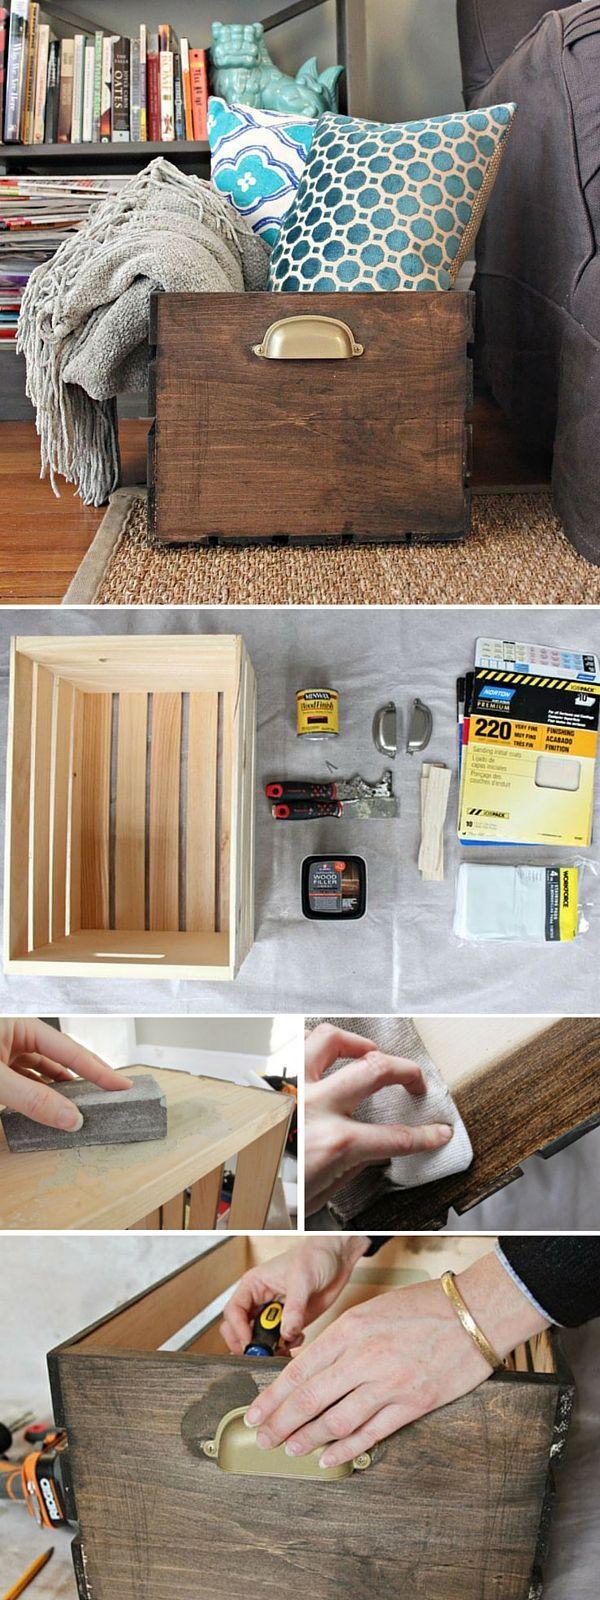 17 Best ideas about Wohnung Renovieren on Pinterest  Wc renovieren, Klo and Toilette design